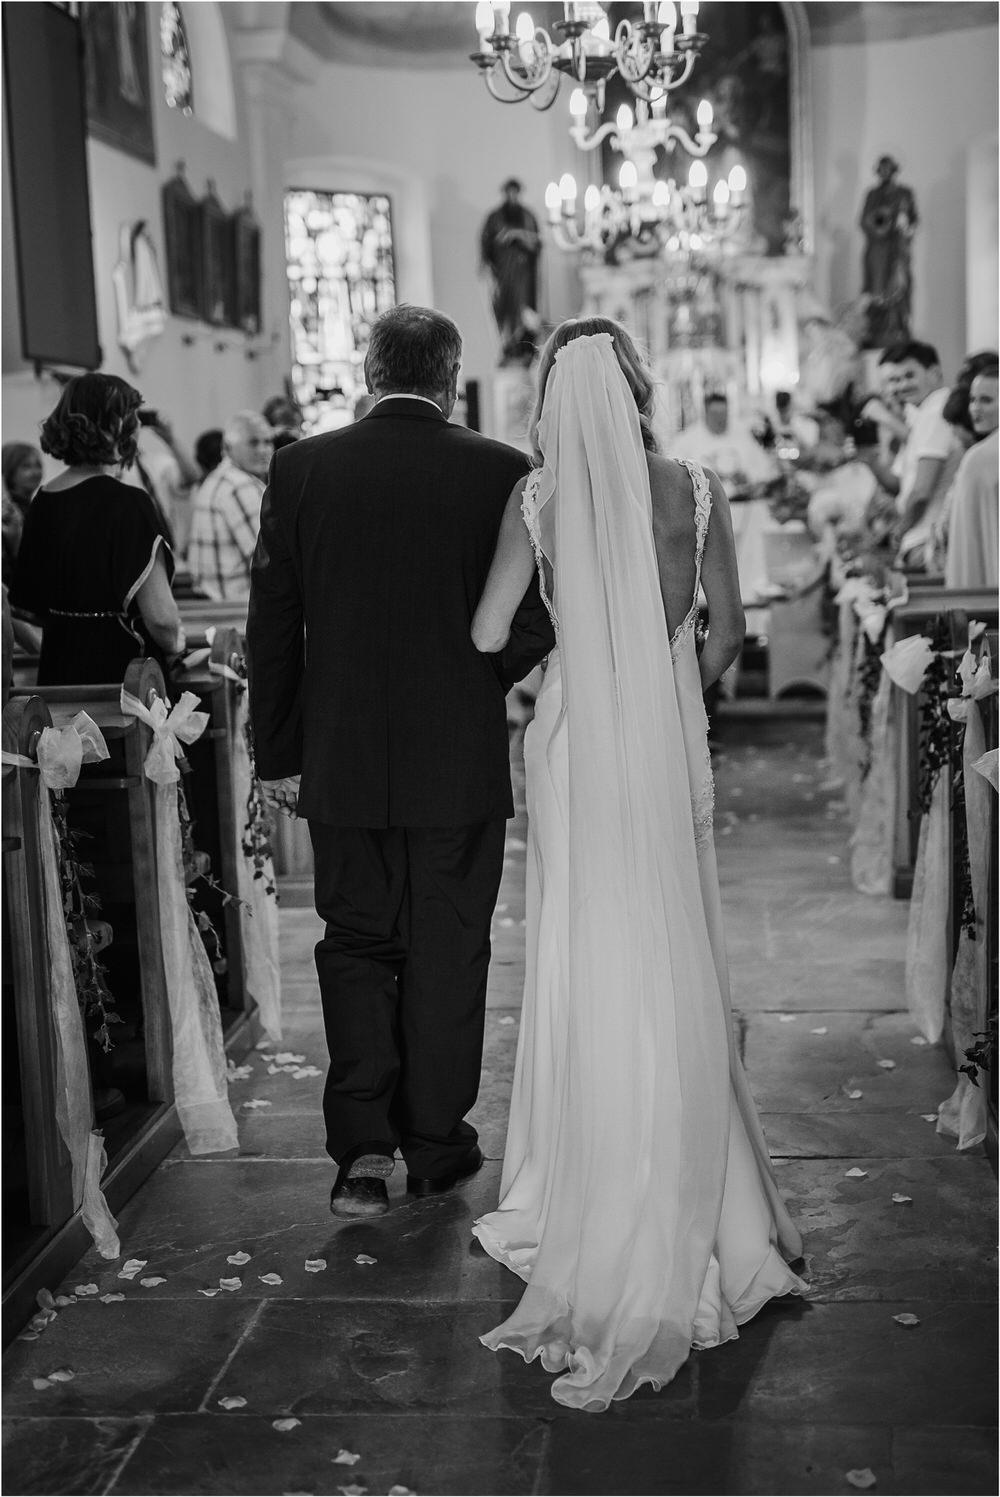 tri lucke slovenija krsko posavje poroka porocni fotograf fotografiranje elegantna poroka vinograd classy elegant wedding slovenia 0019.jpg